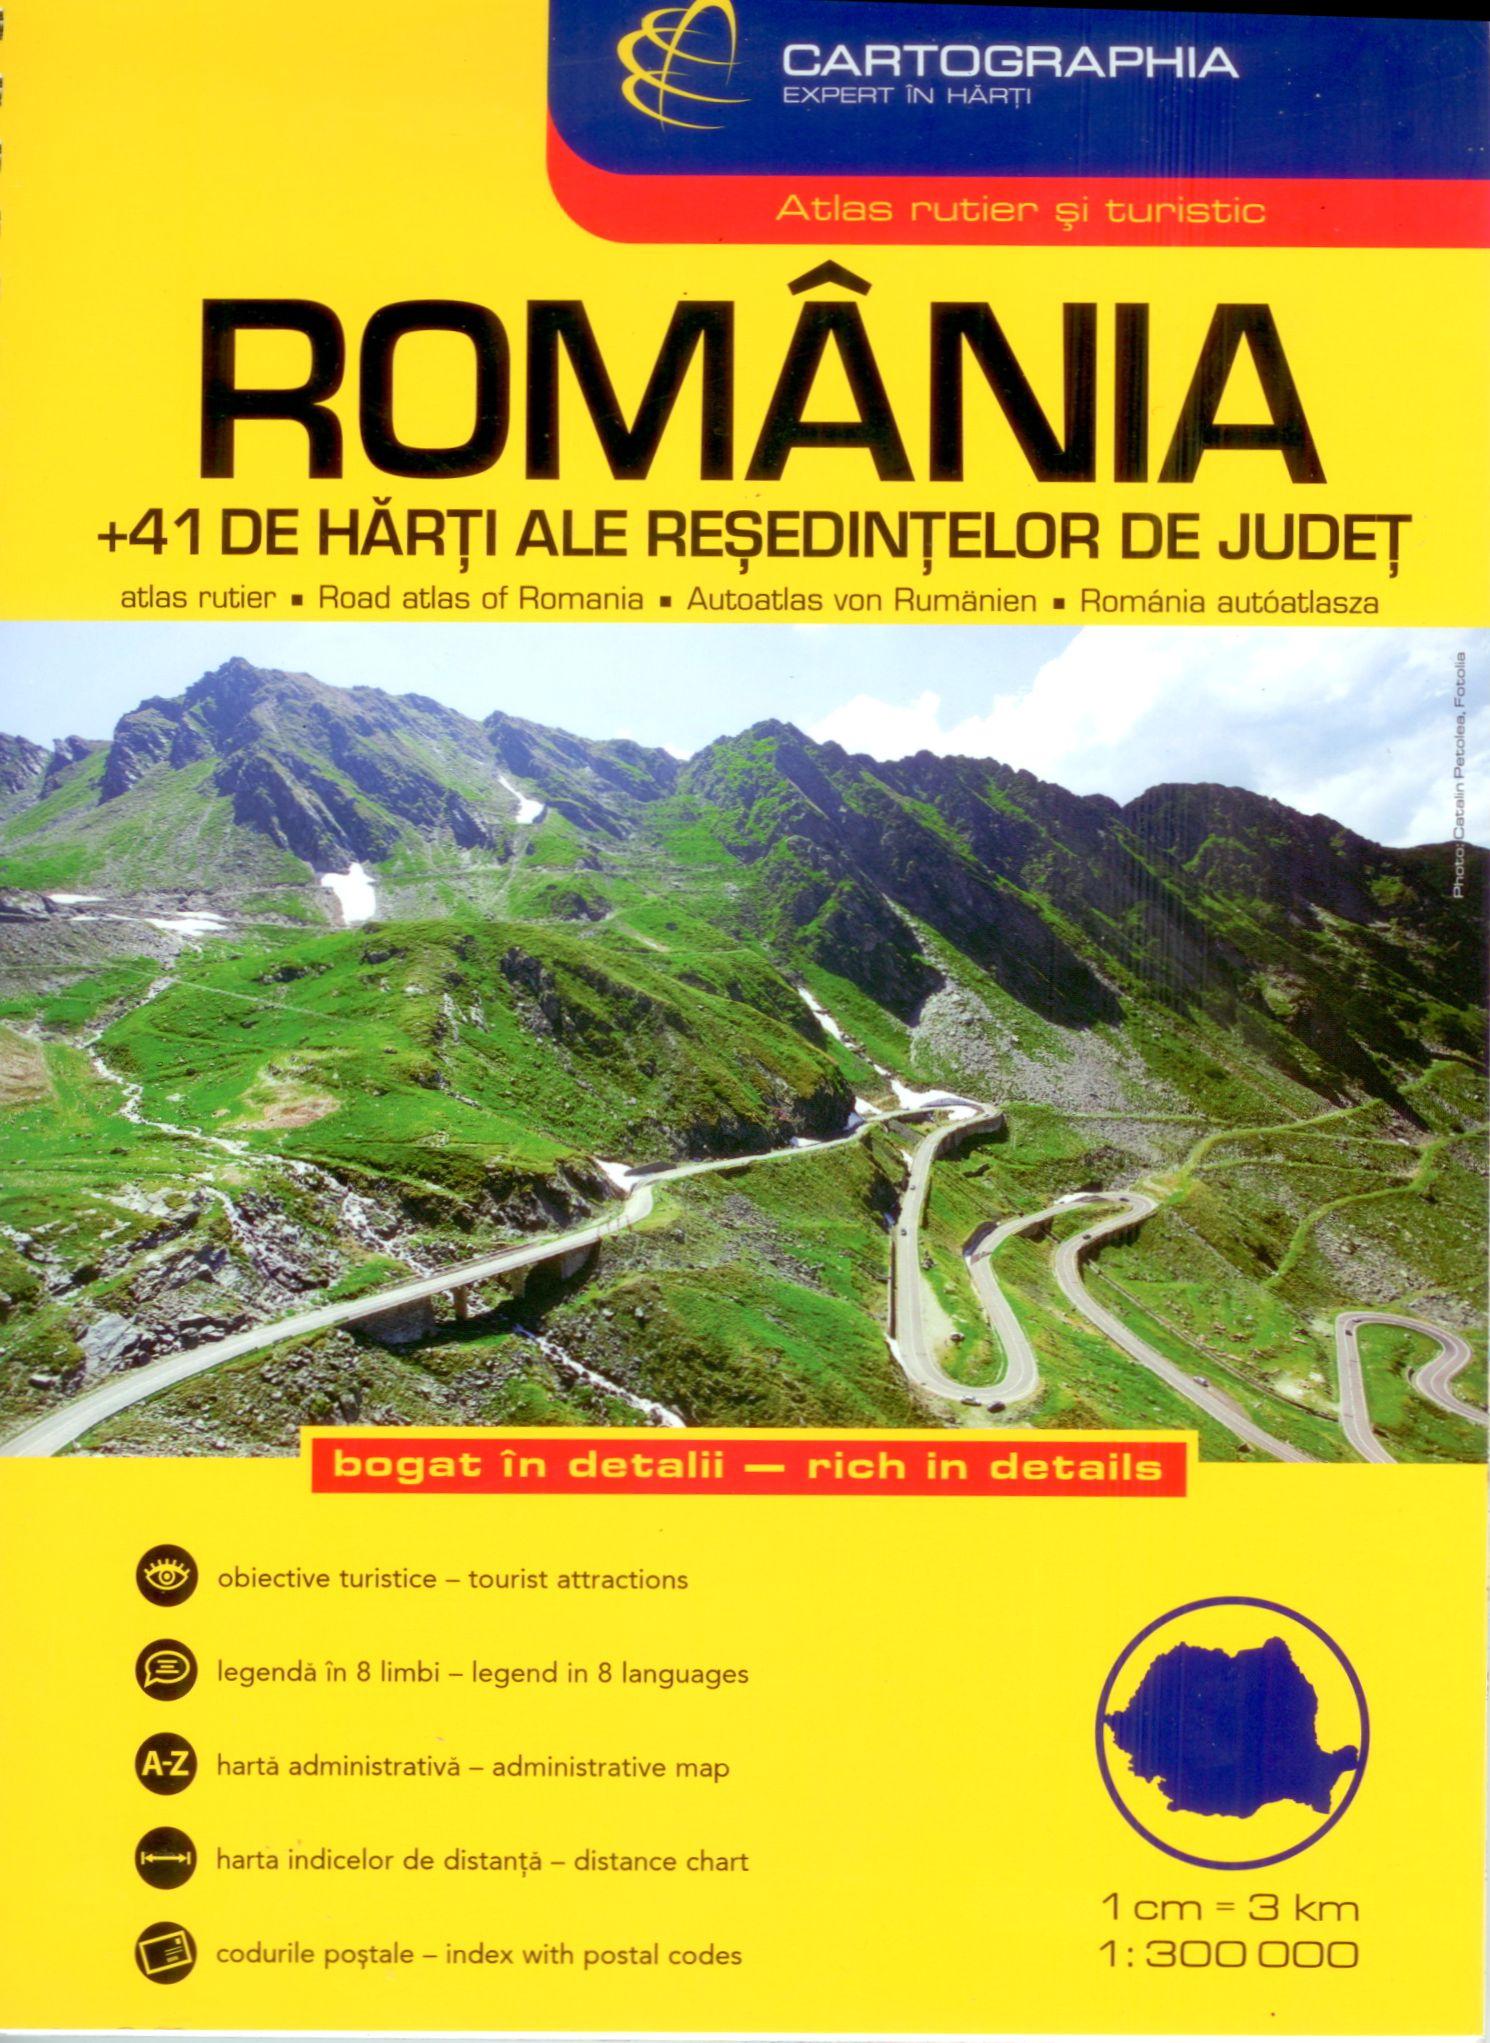 Romania road atlas 1:300.000 cover